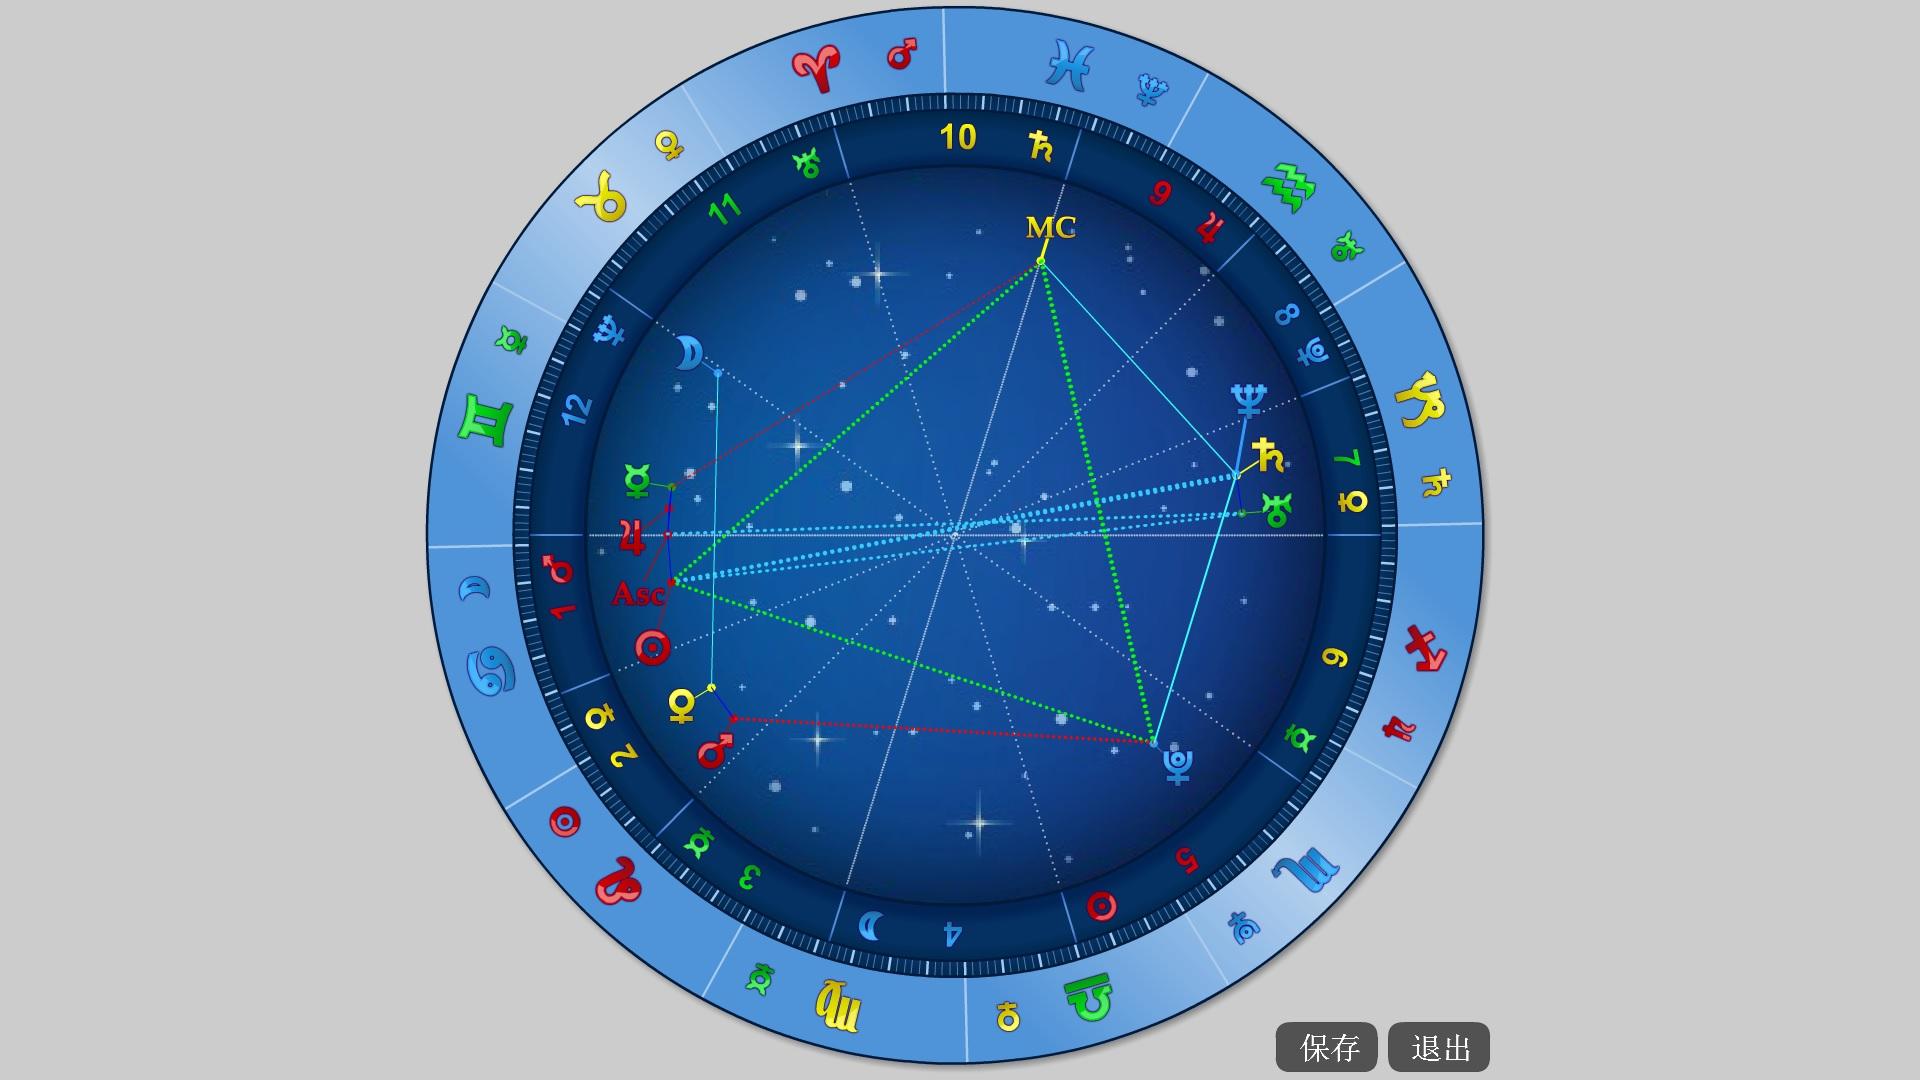 各位星盘帮我v星盘下我的女生大叔摩羯座高人摩羯座同道水星吐槽白羊座太阳图片